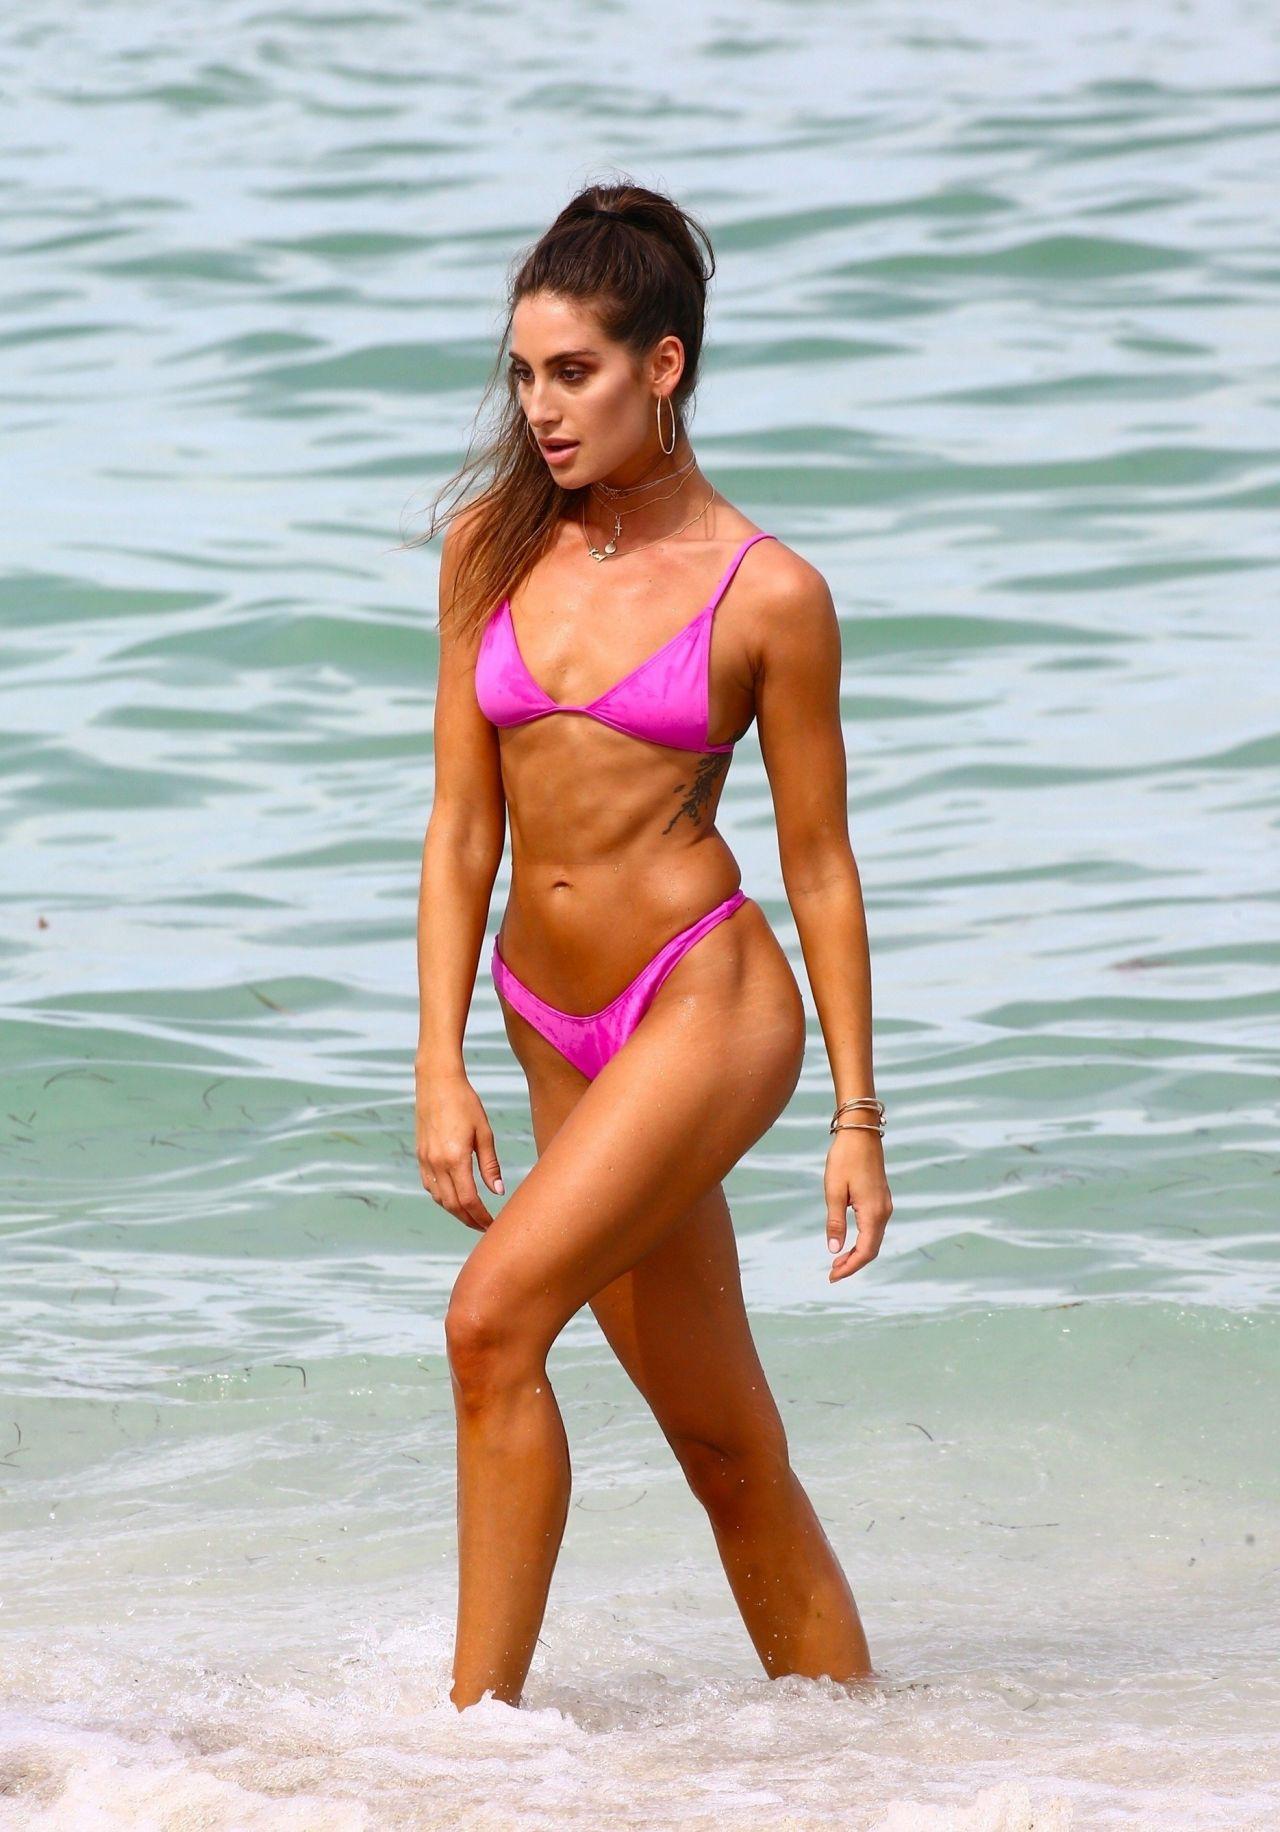 Young Kaylee Ricciardi nudes (44 photos), Twitter